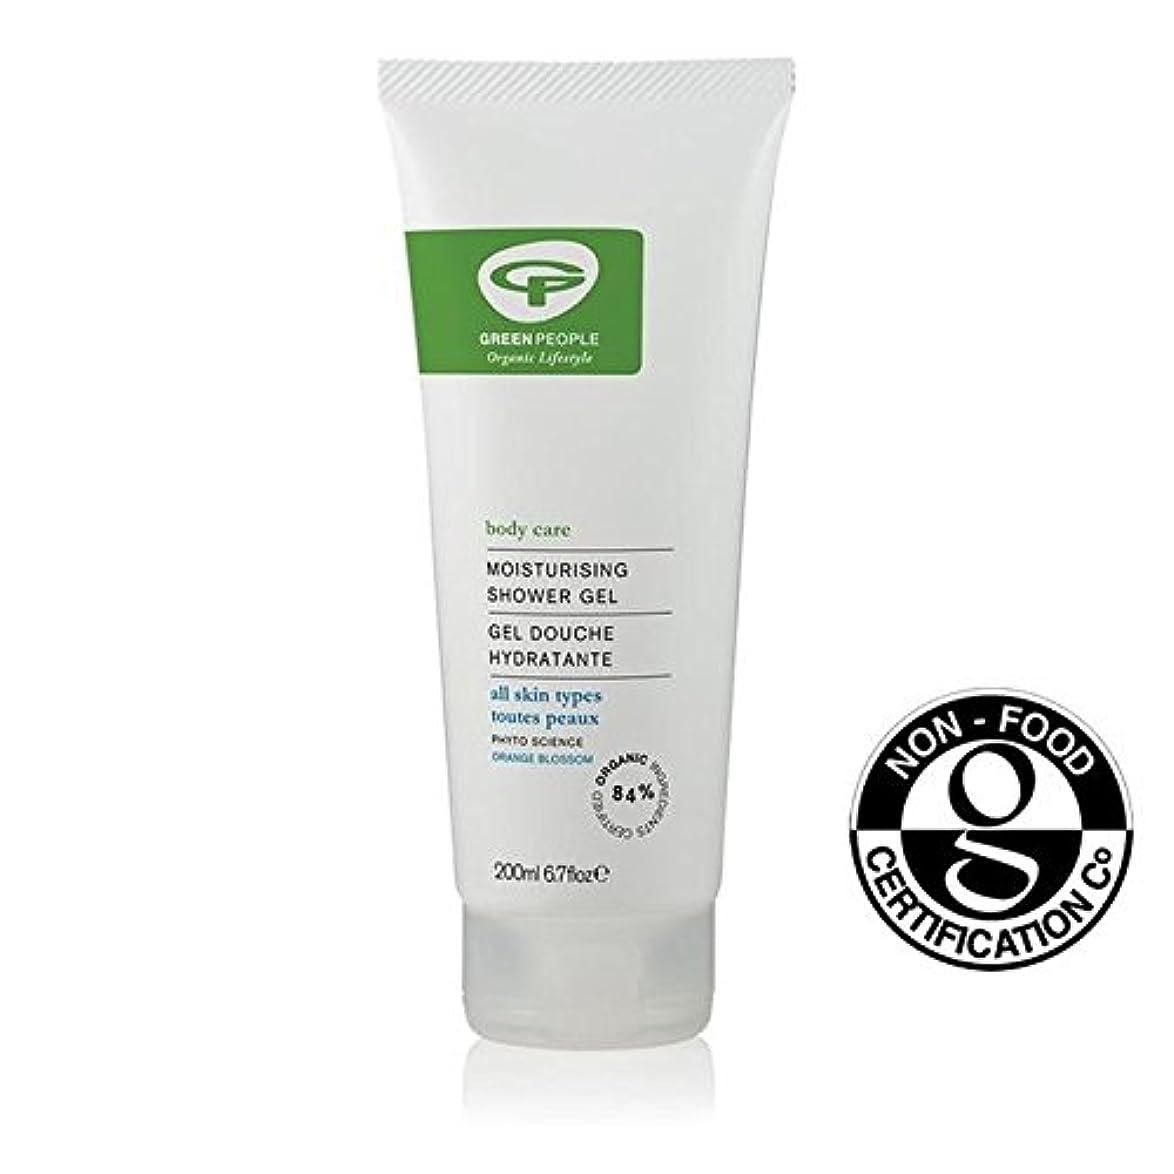 ダイジェスト願うゴルフ緑の人々の有機保湿シャワージェル200 x4 - Green People Organic Moisturising Shower Gel 200ml (Pack of 4) [並行輸入品]